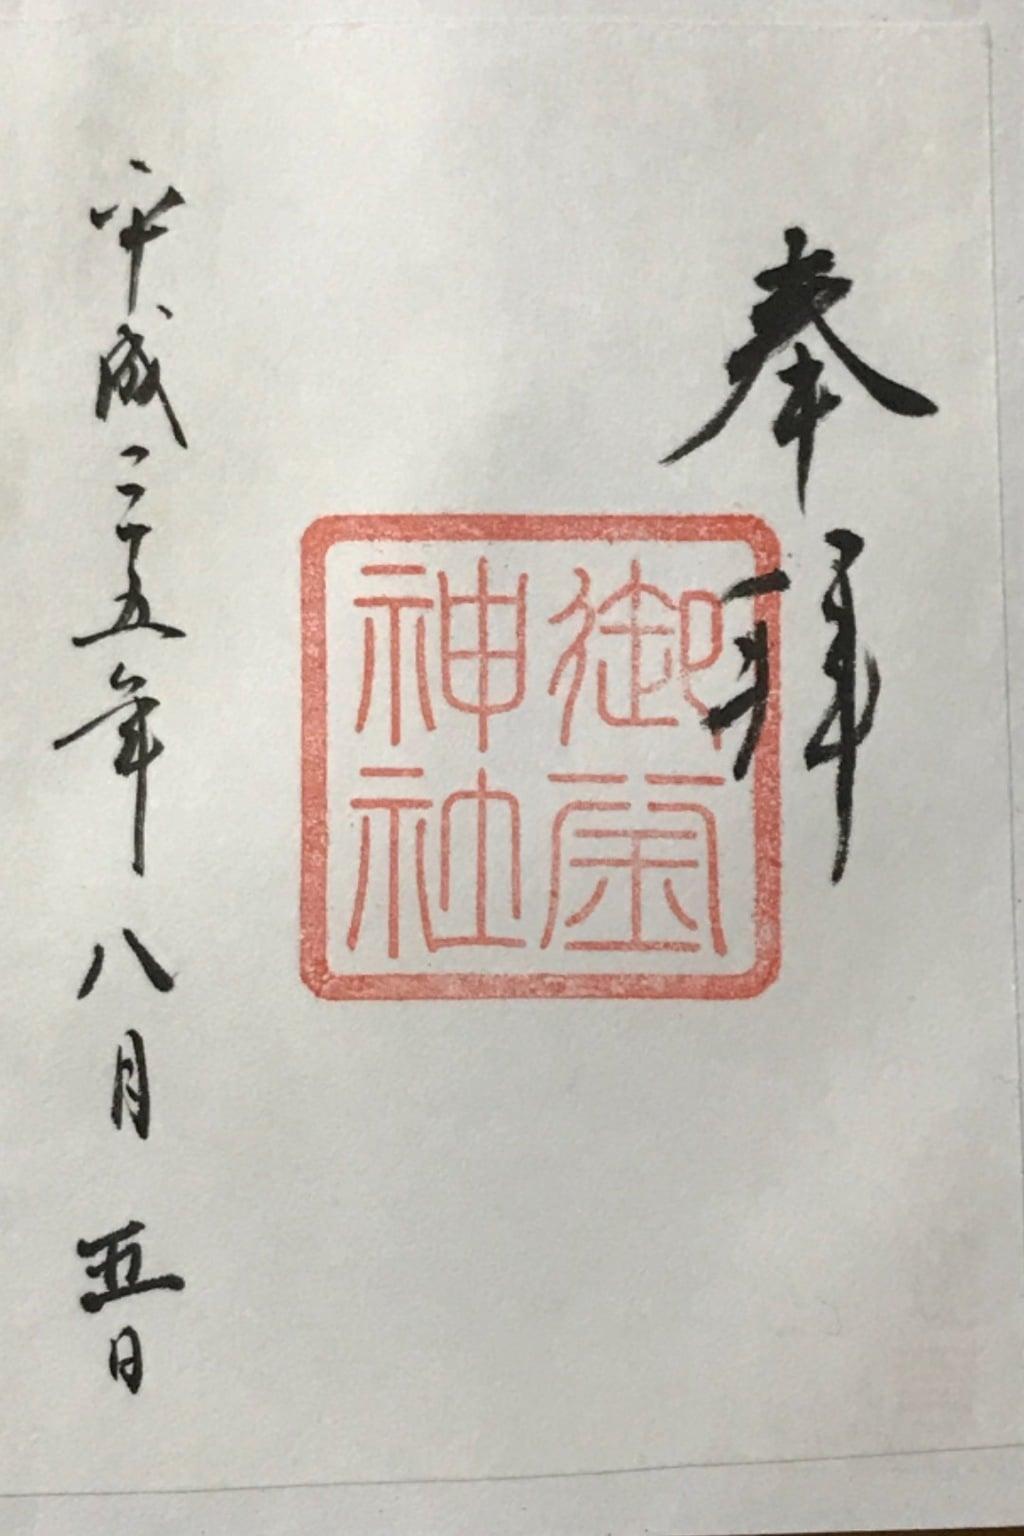 御釜神社の御朱印